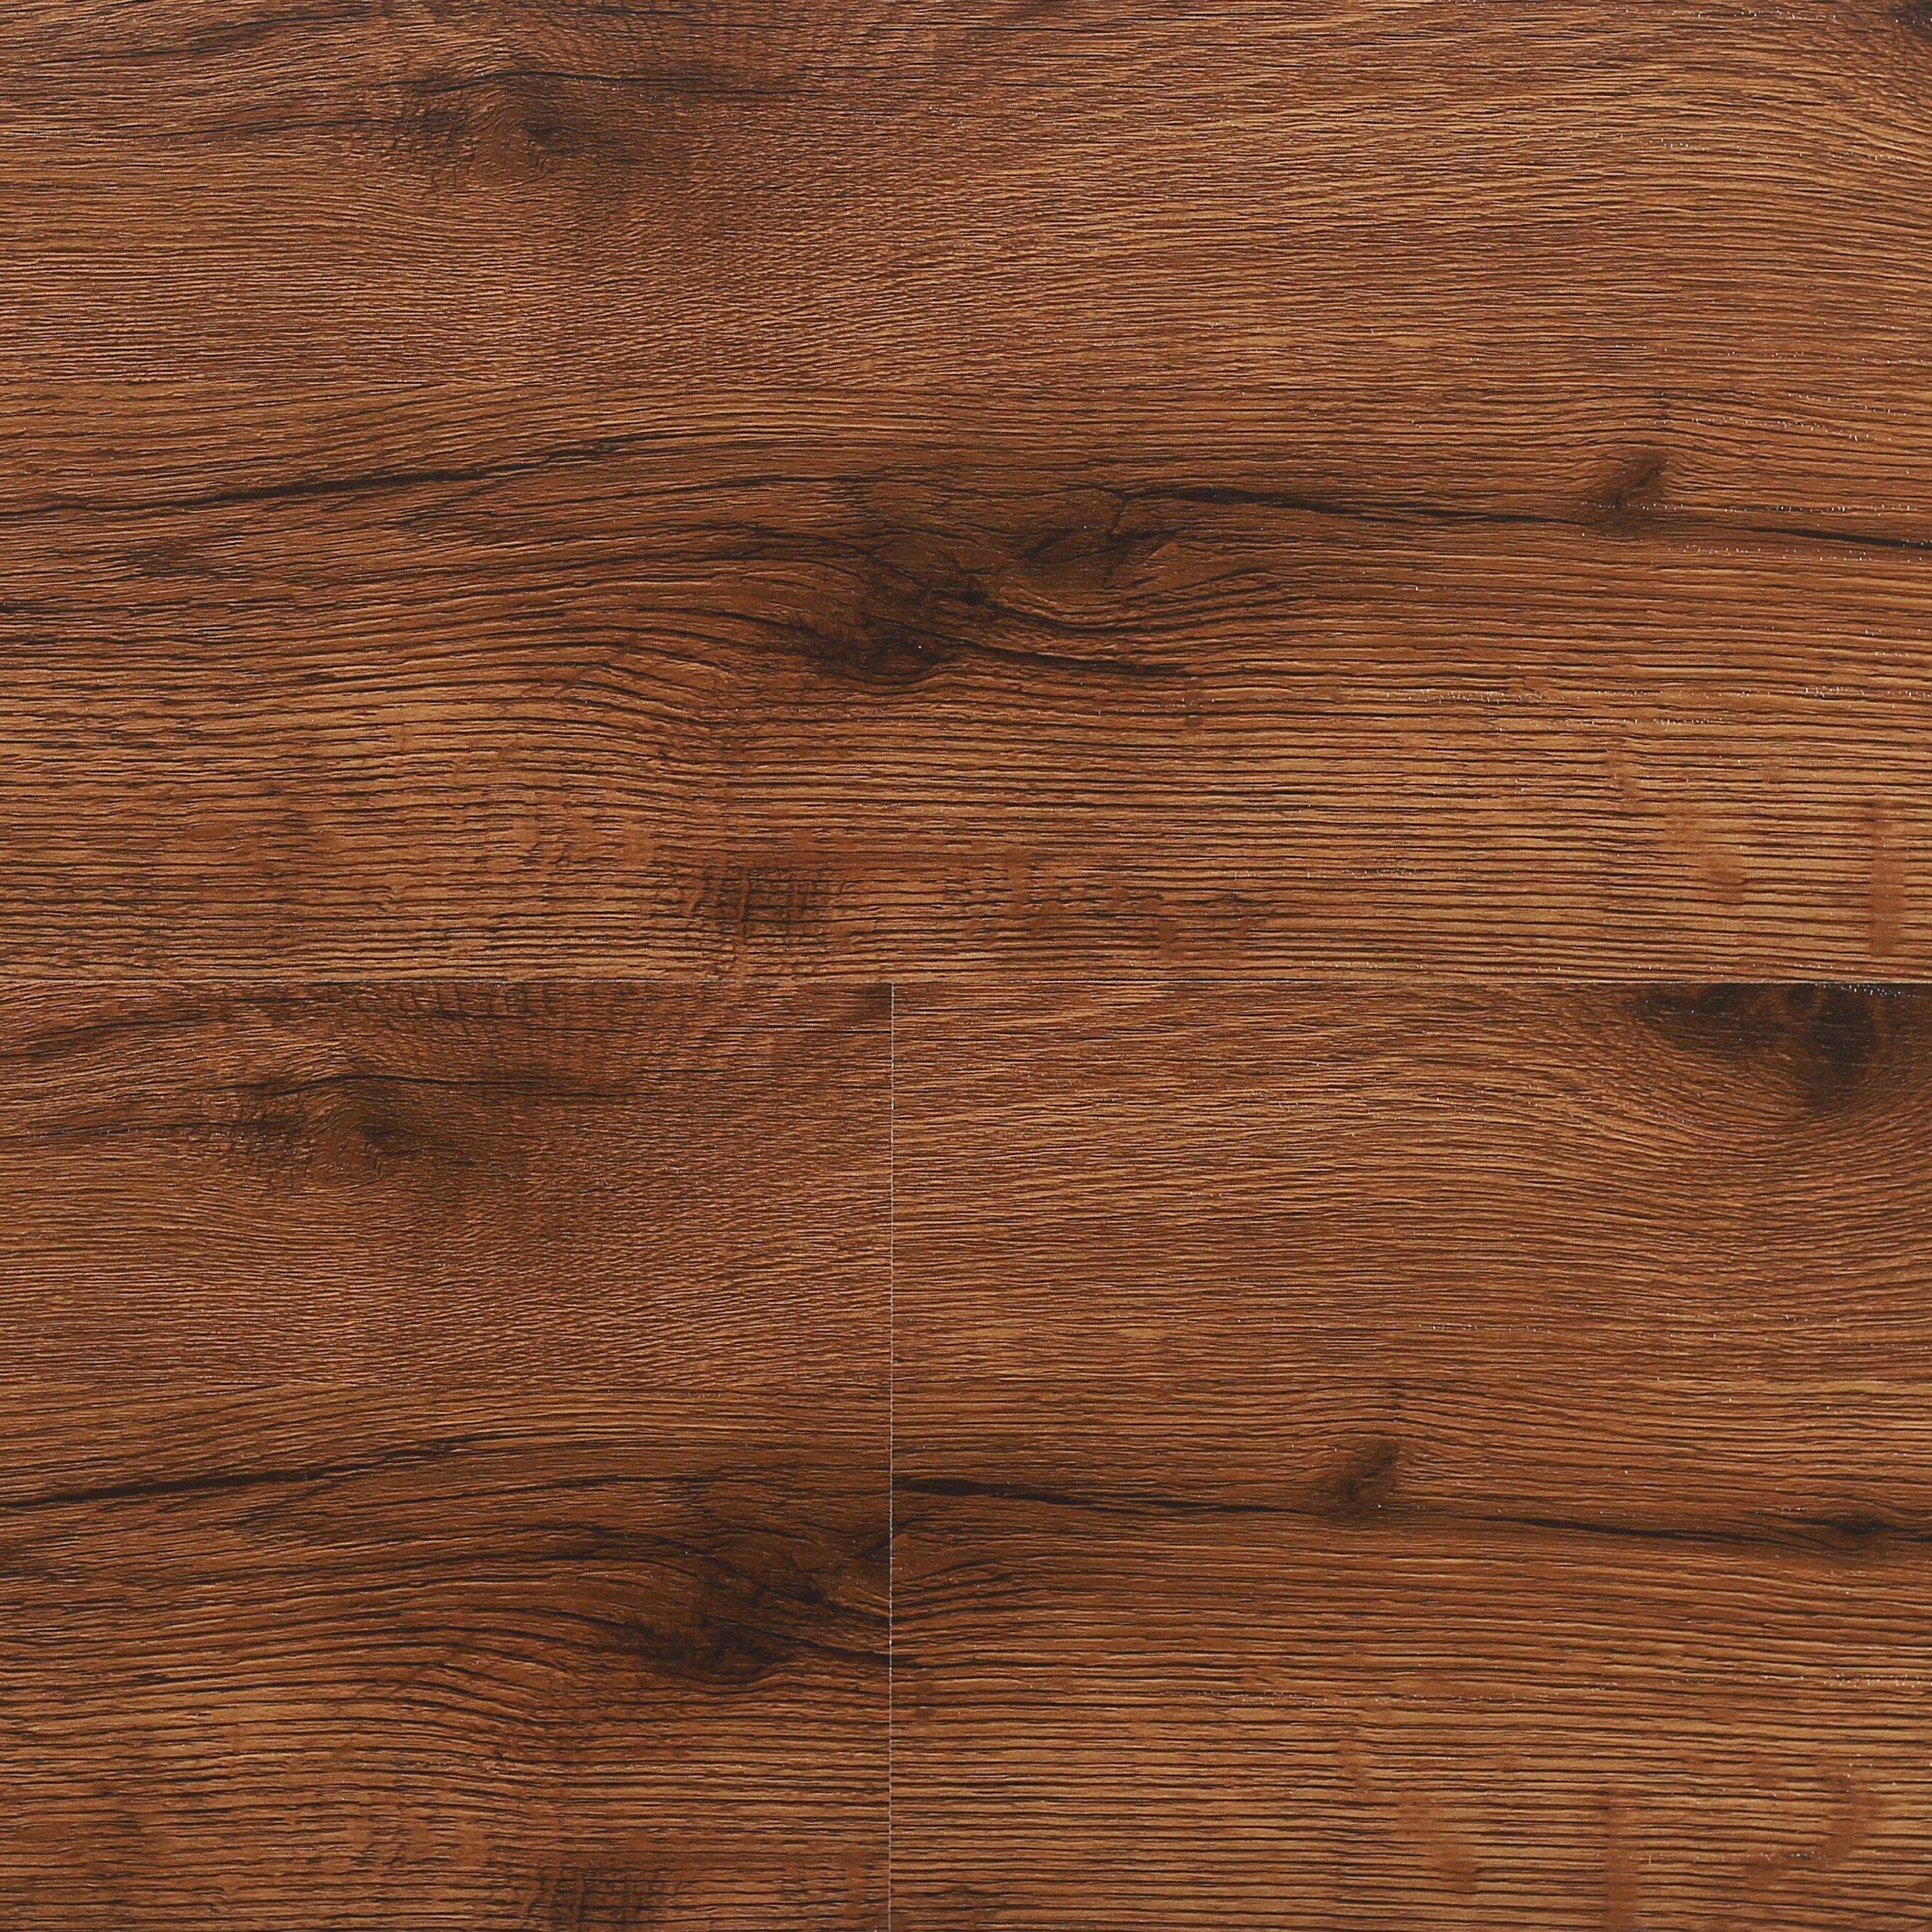 Best Priced Laminate Flooring